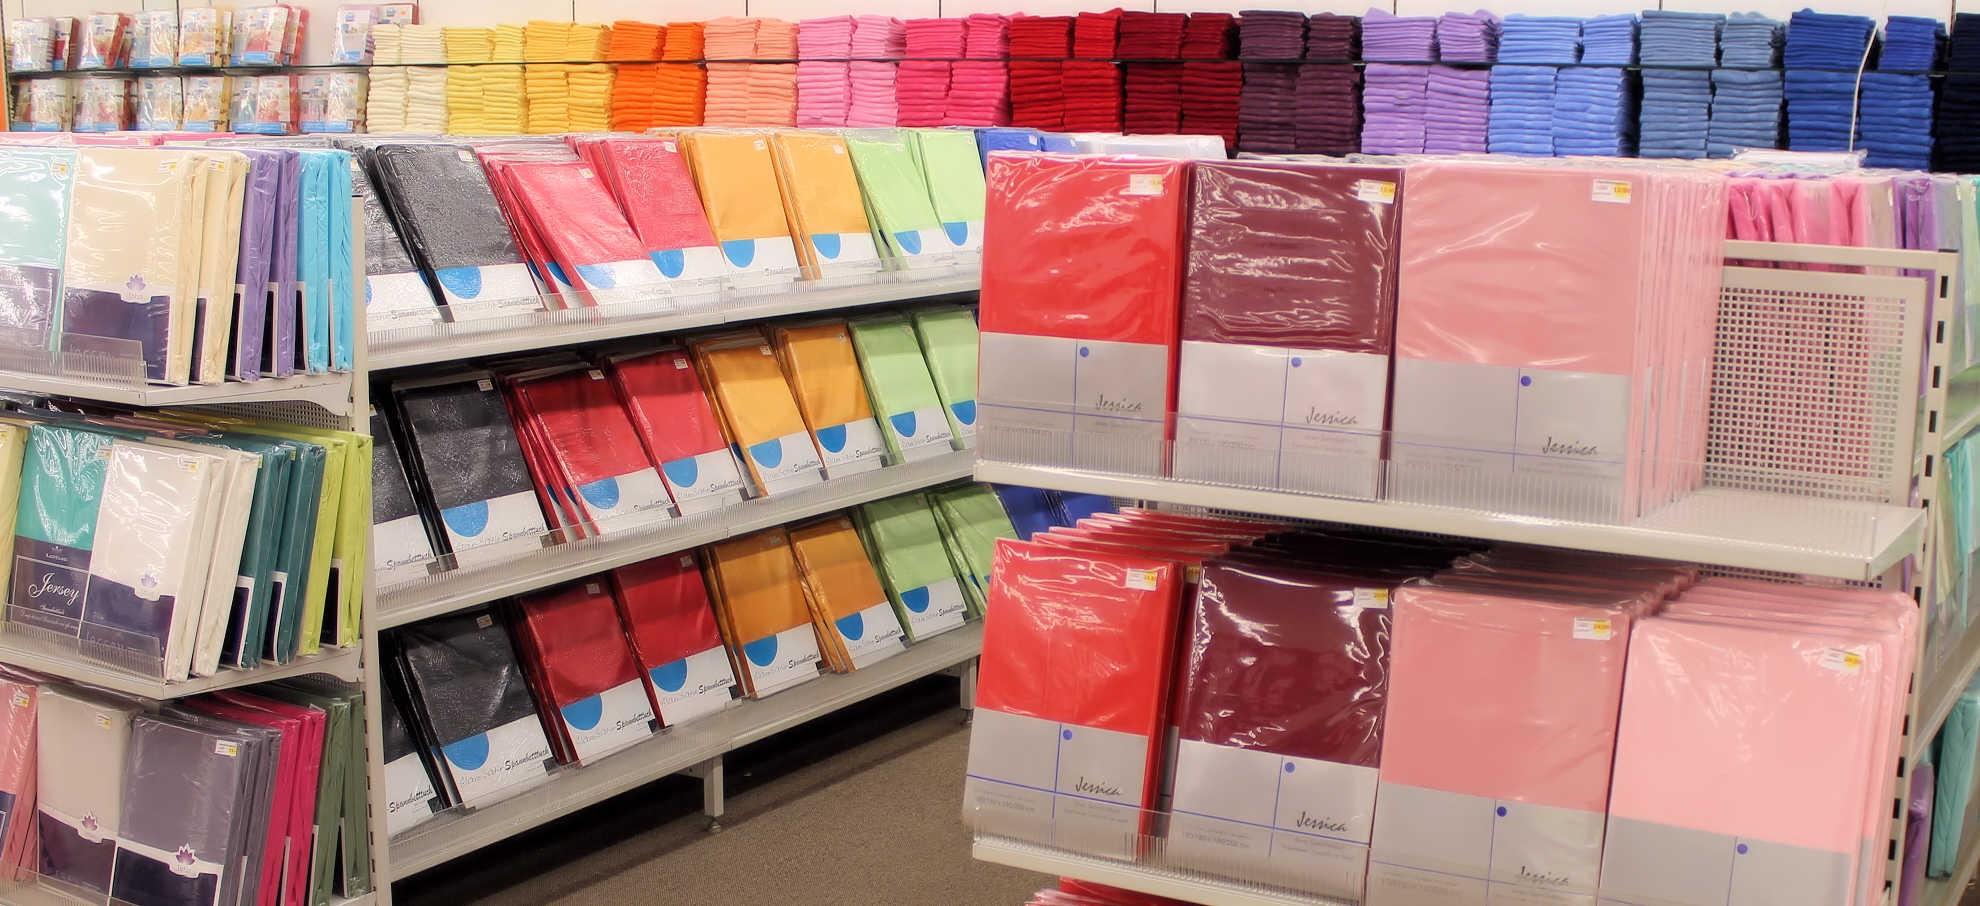 Fixleintücher in vielen Farben.